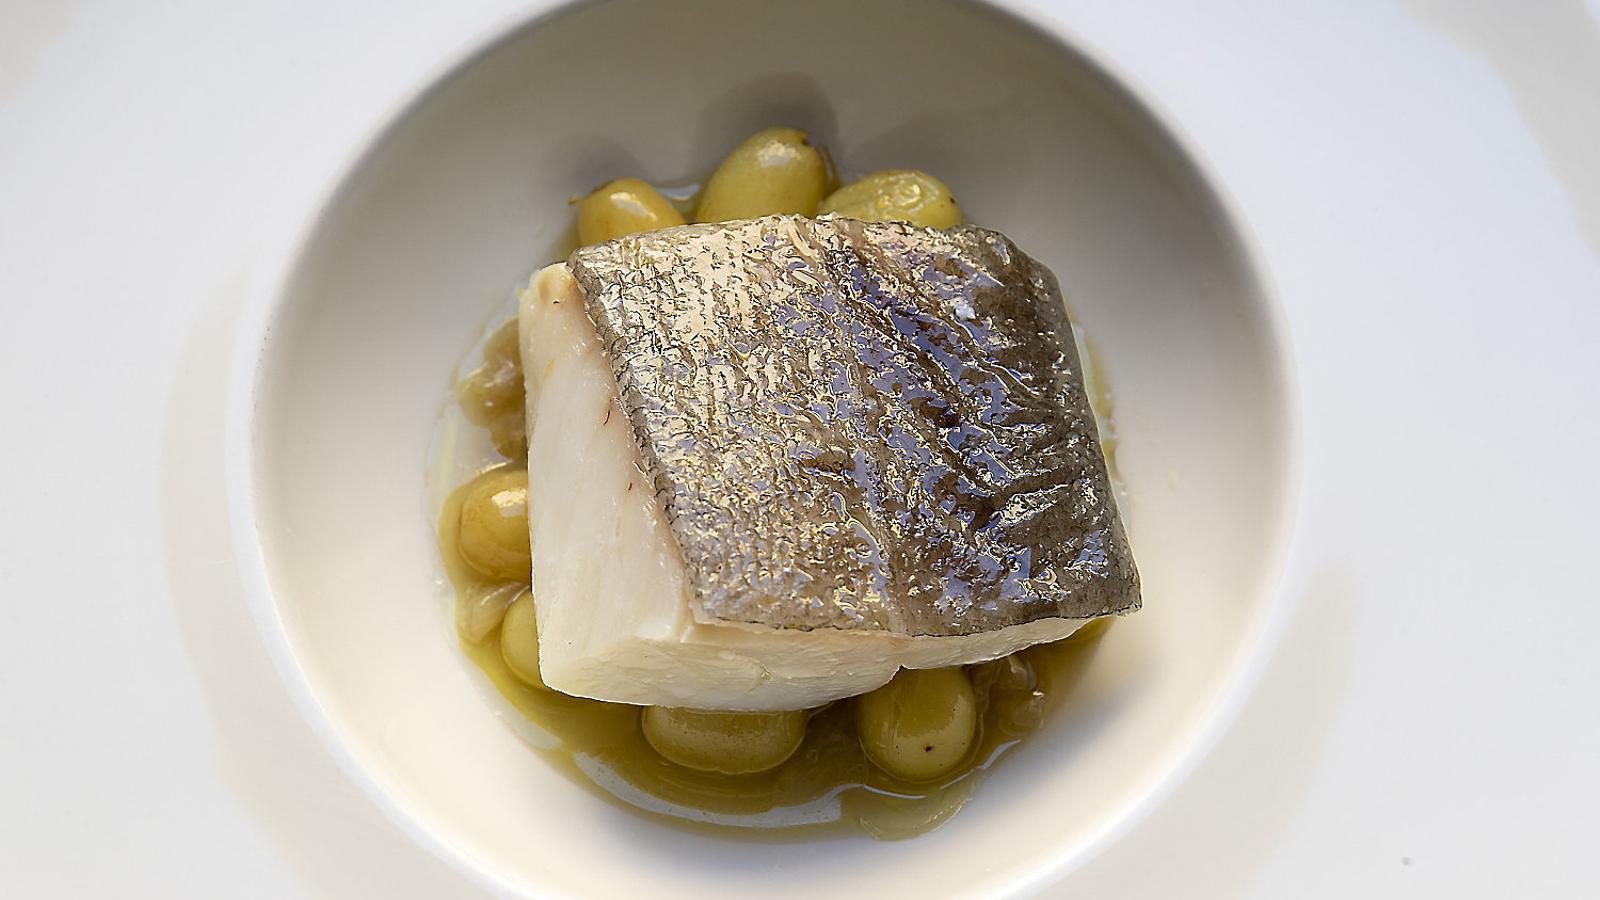 El menú de verema del restaurant El Dinou. De primer, coca amb foie, bolets i raïm (01); de segon, bacallà amb raïm (02), i, de postres, un pastís selva negra amb confitura de raïm (03).  La xef Núria Lucas al menjador del restaurant  El Dinou, a Vilanova i la Geltrú.